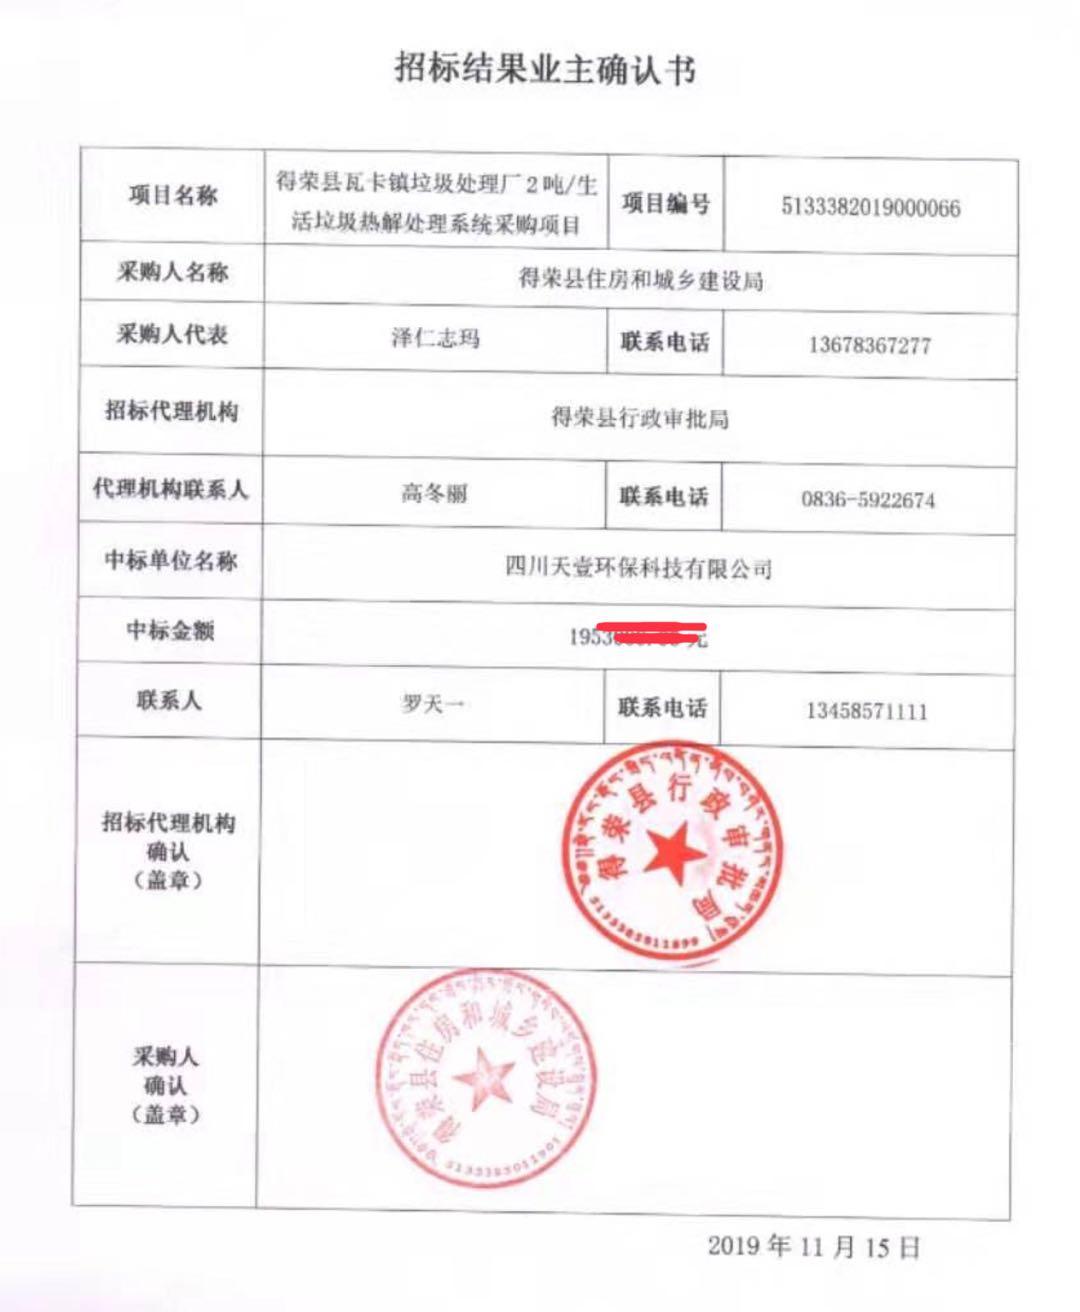 热烈祝贺公司中标四川得荣县瓦卡镇垃圾处理厂生活垃圾热解处理系统项目